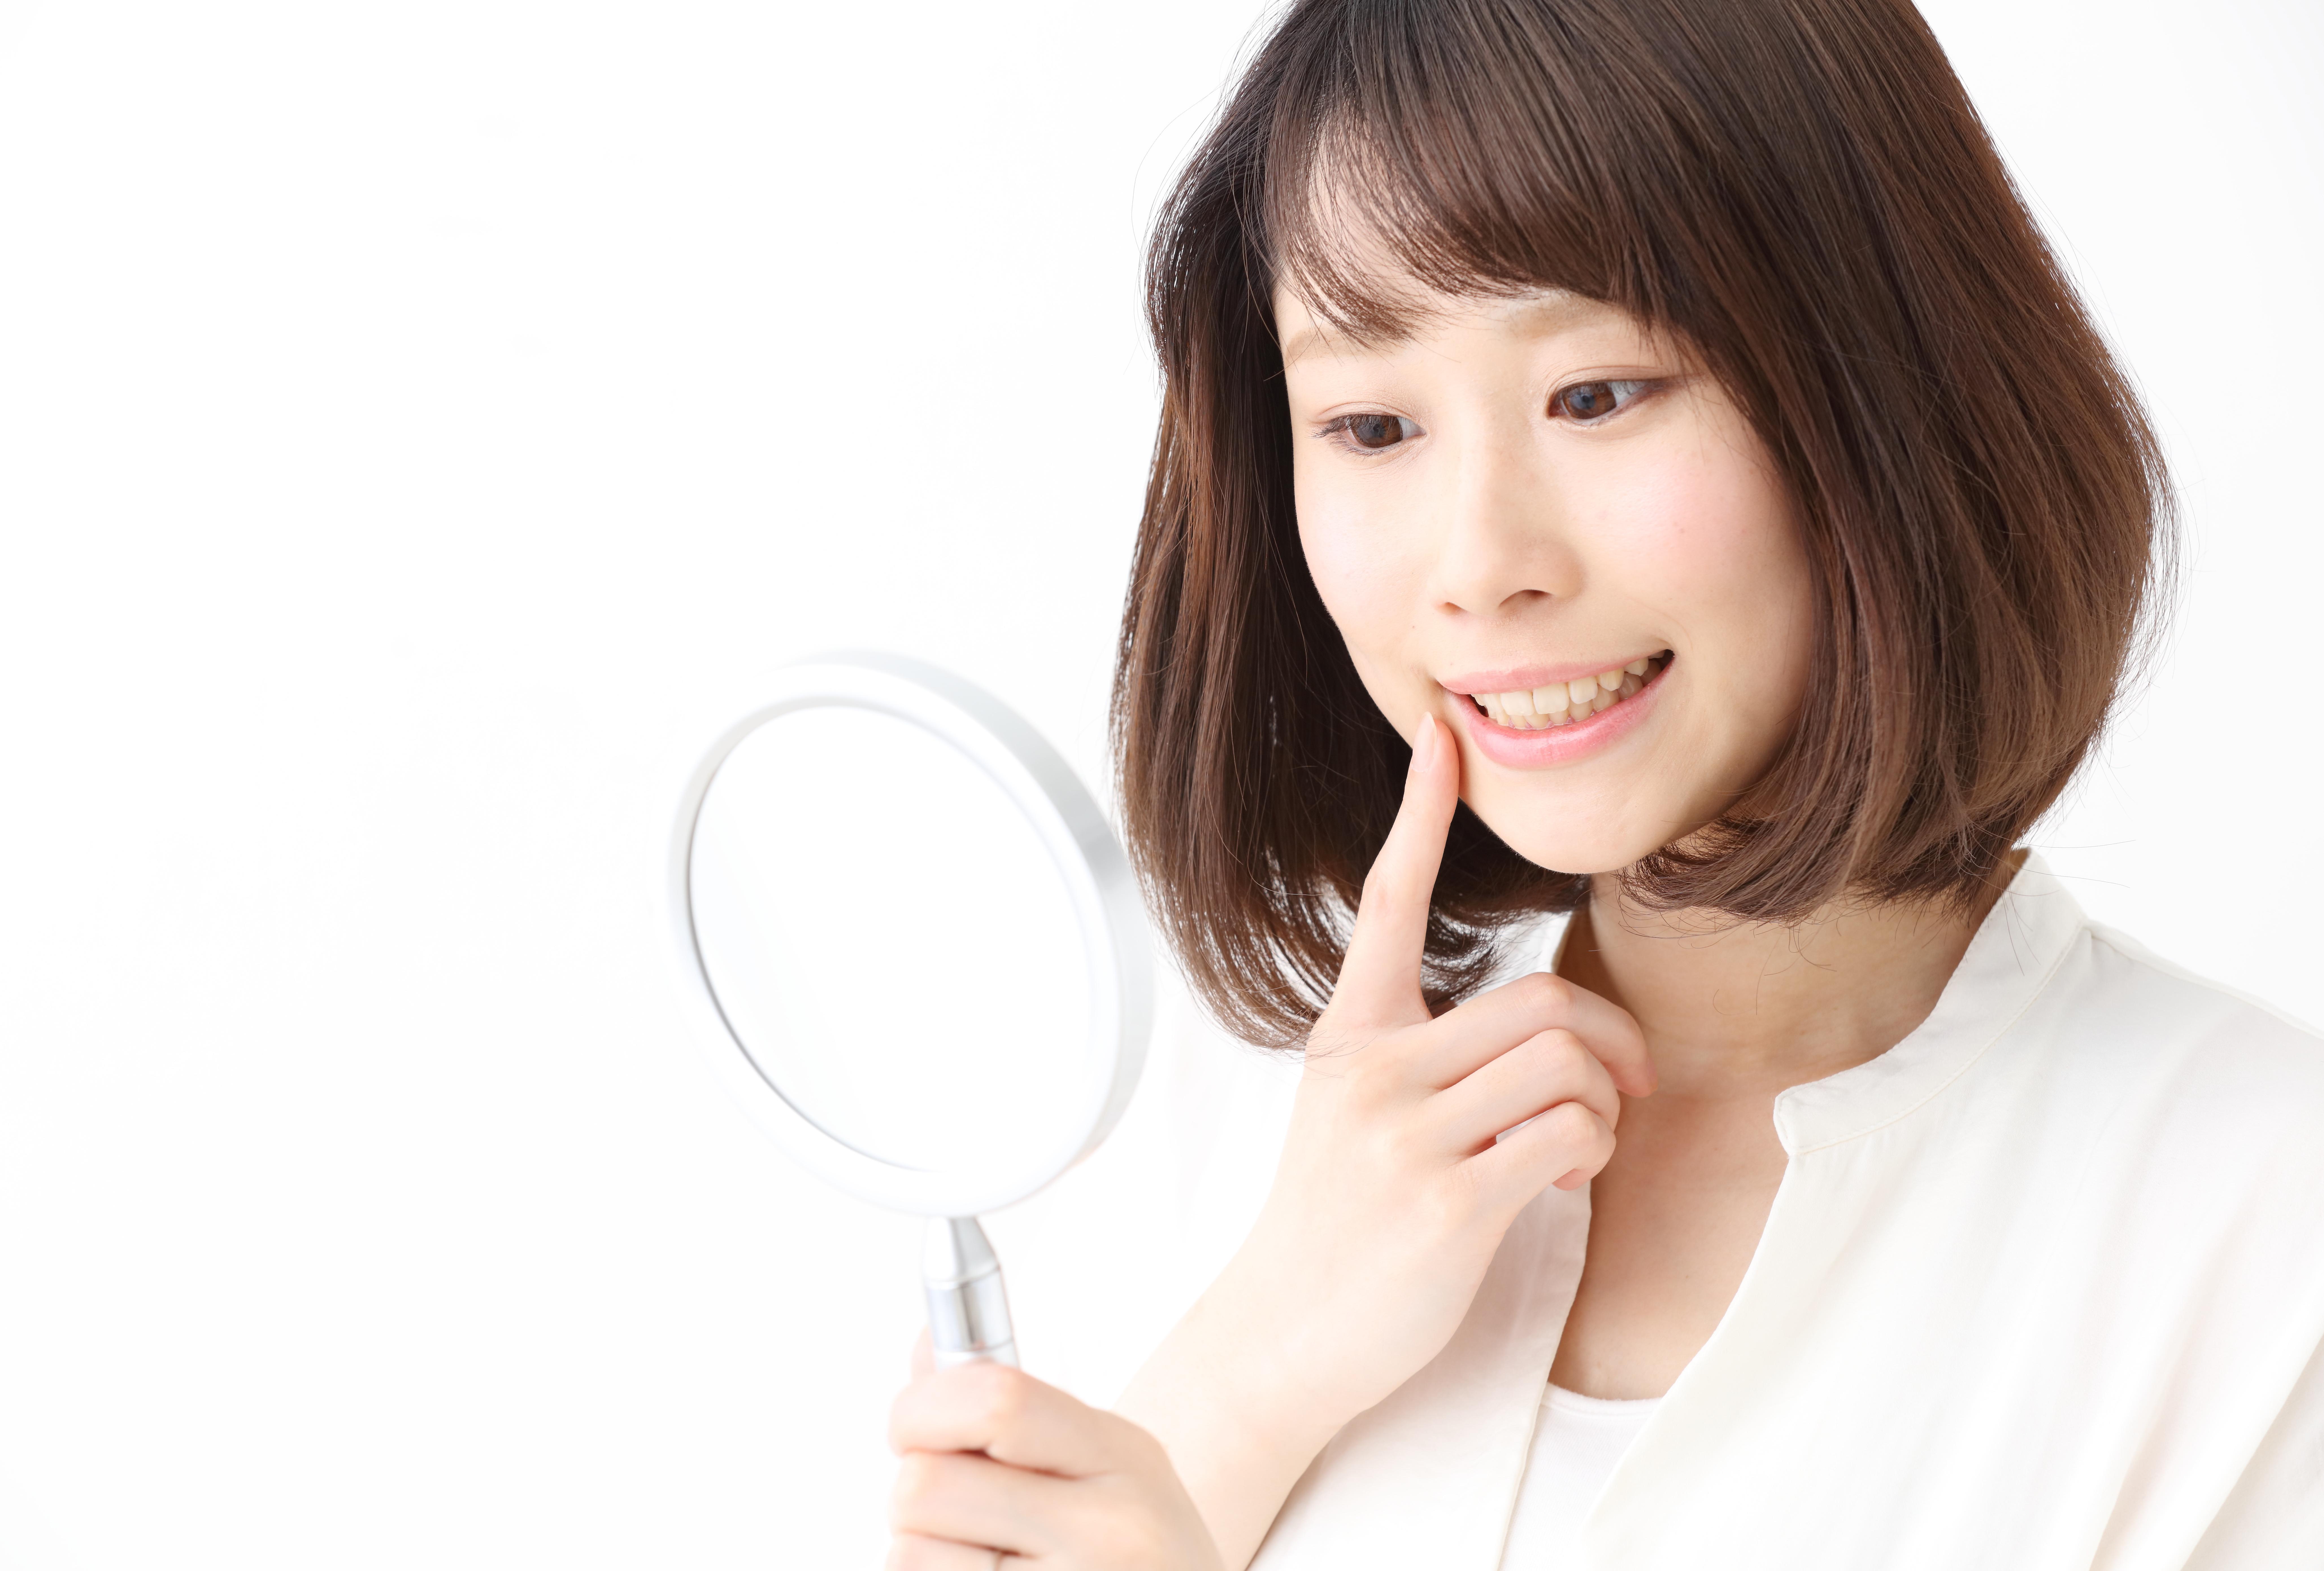 前歯のホワイトニングはいつやるべき?始める前に知っておくべきポイント